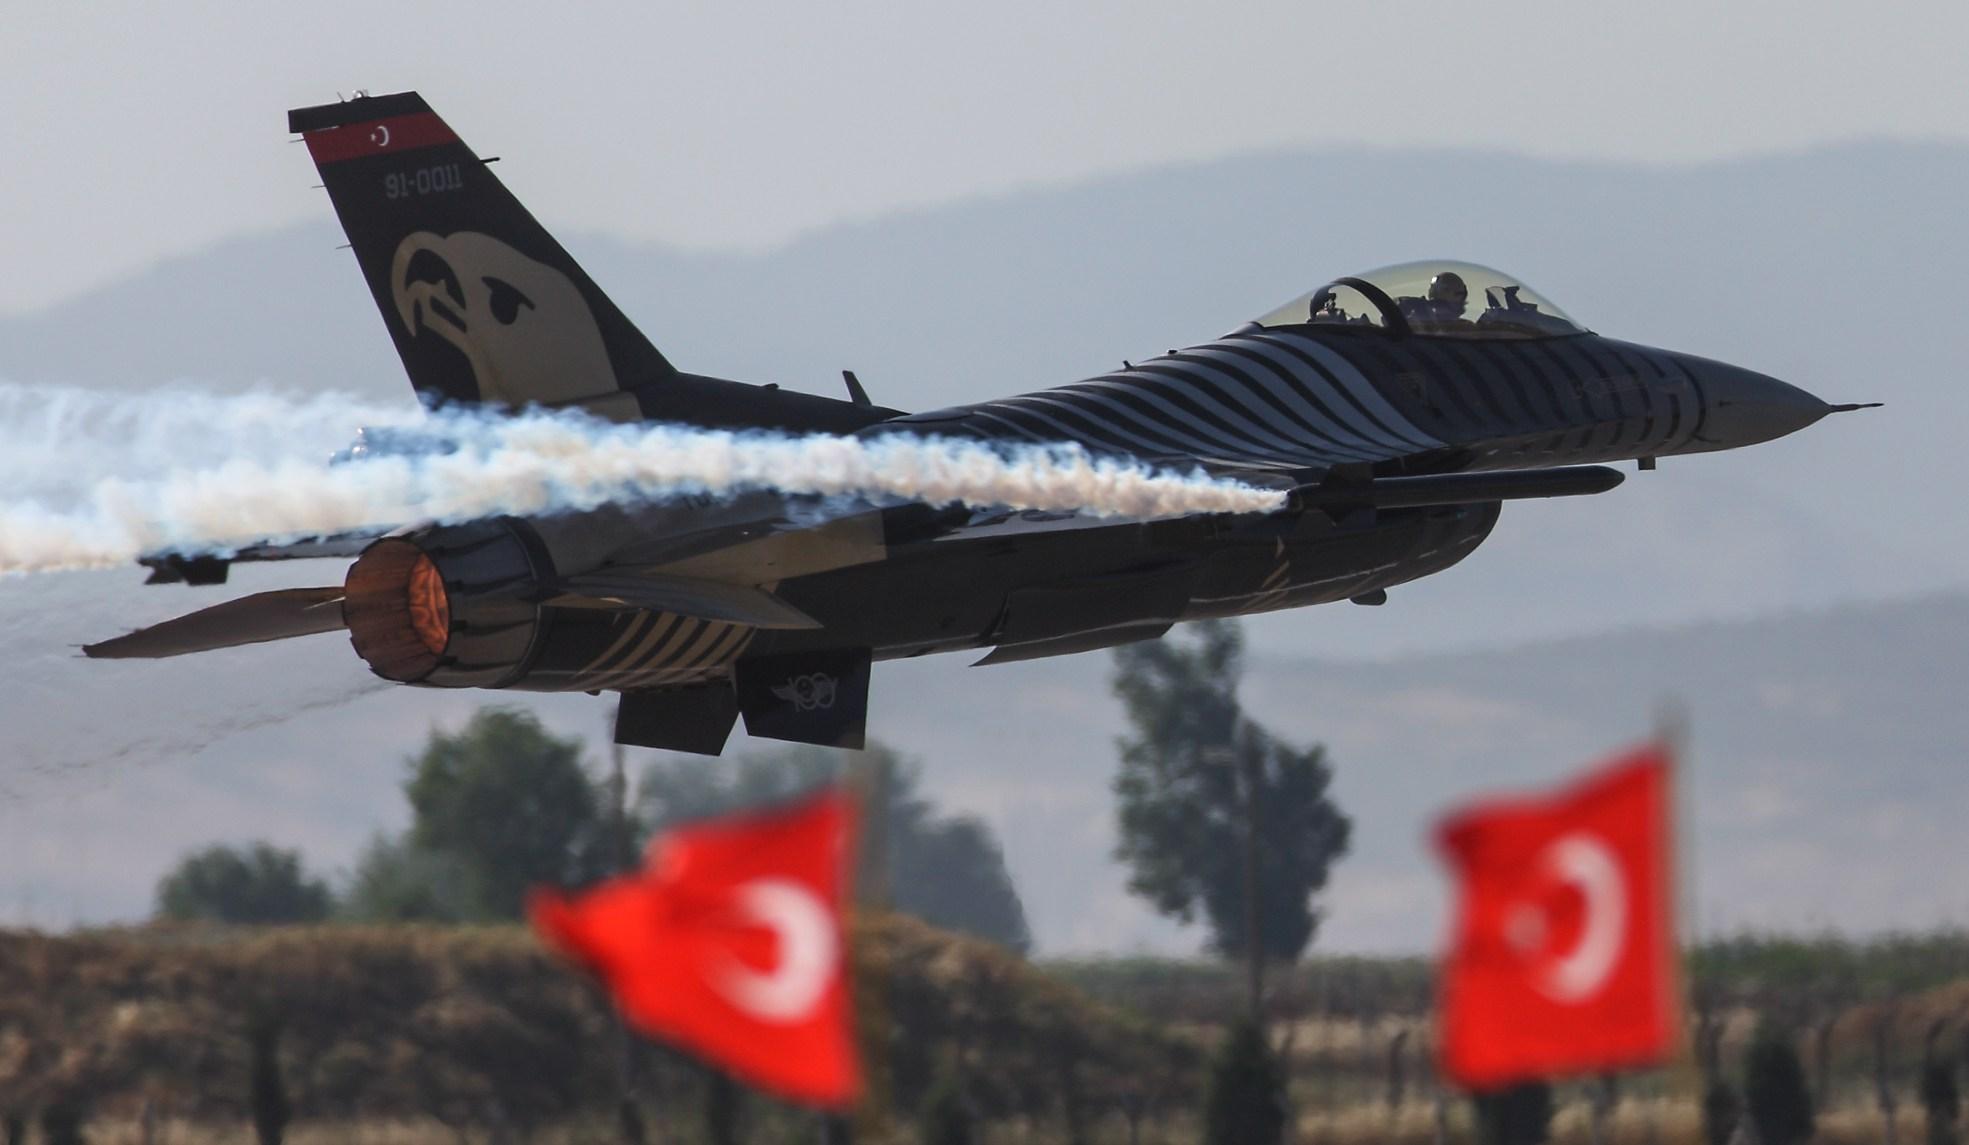 Solo Türk 25 Kasım'da Edirne'de